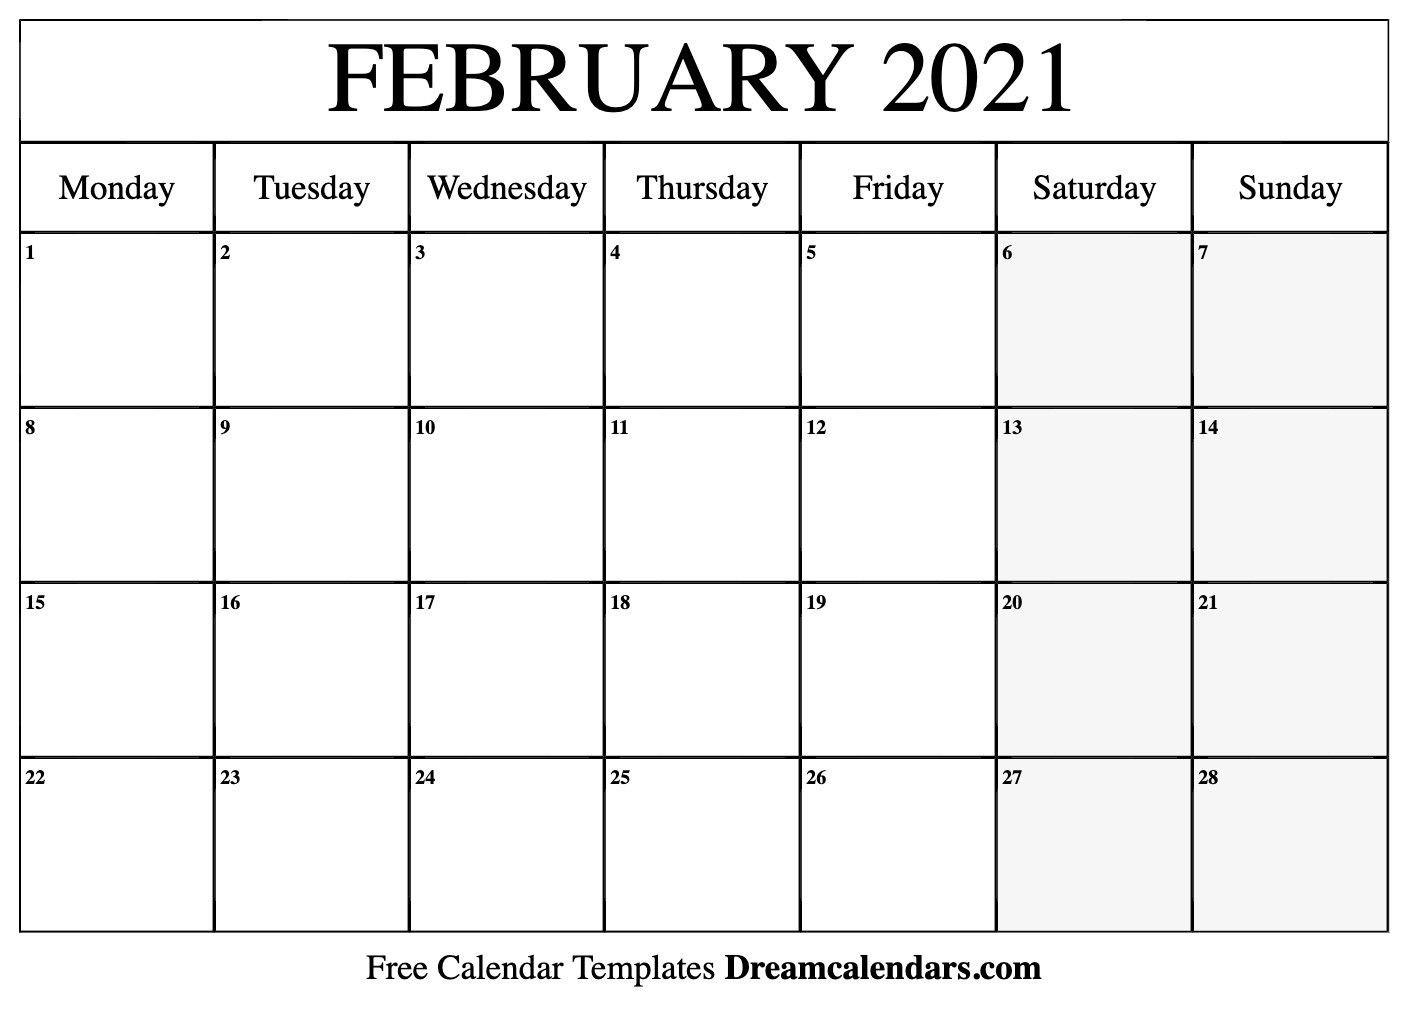 2021 Calendar February Template | Calendar Word, 2021-Online Calendar 2021